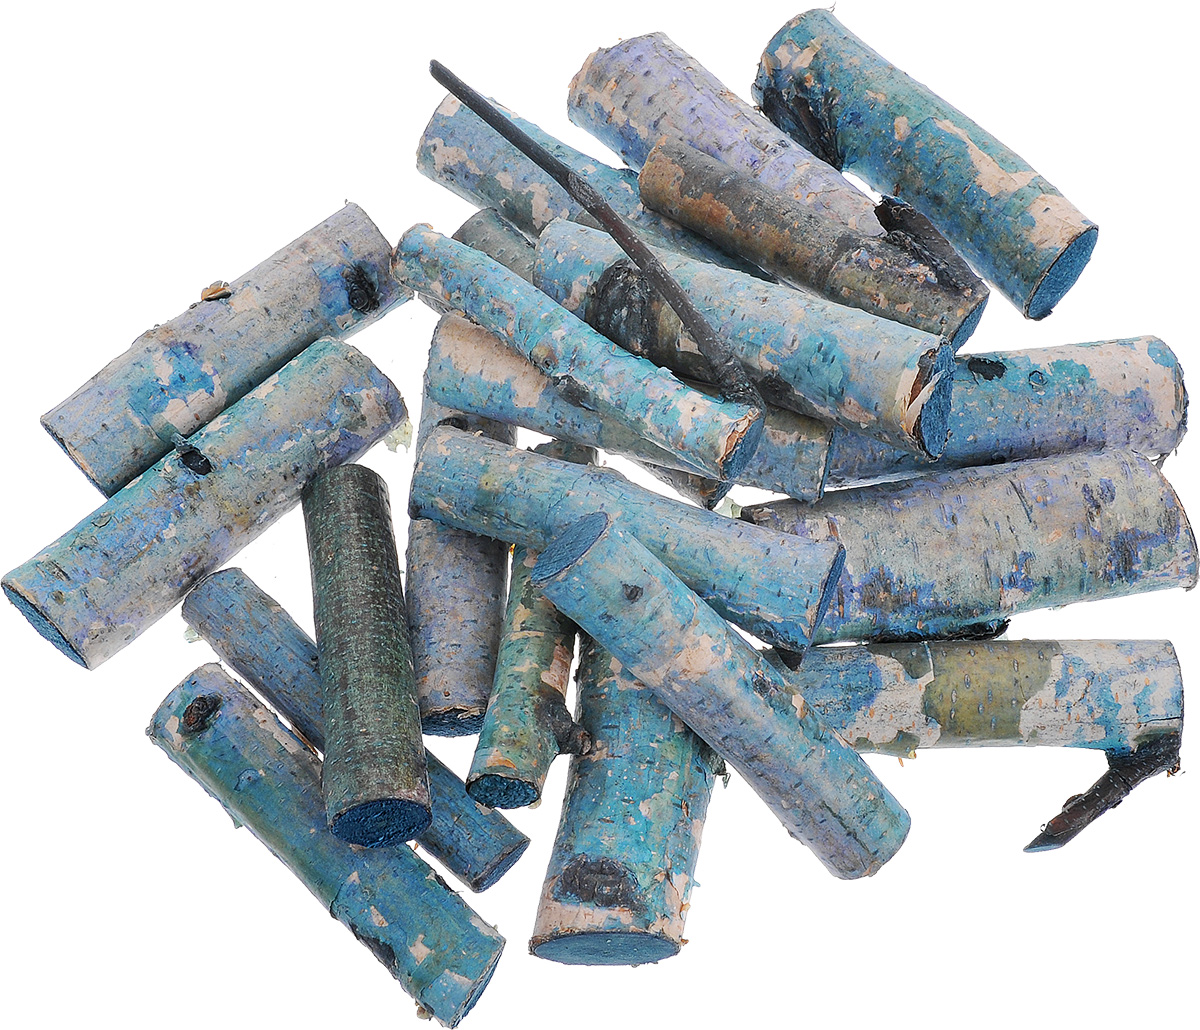 Декоративный элемент Dongjiang Art Ветка, цвет: синий, длина 7 см, 250 г7708996_синийДекоративный элемент Dongjiang Art Ветка изготовлен из дерева и предназначен для декорирования. Изделие может пригодиться во флористике и многом другом.Декоративный элемент представляет собой кусочек ветки. Флористика - вид декоративно-прикладного искусства, который использует живые, засушенные или консервированные природные материалы для создания флористических работ. Это целый мир, в котором есть место и строгому математическому расчету, и вдохновению, полету фантазии. Длина ветки: 7 см. Диаметр веток: 1,3 см; 2 см.